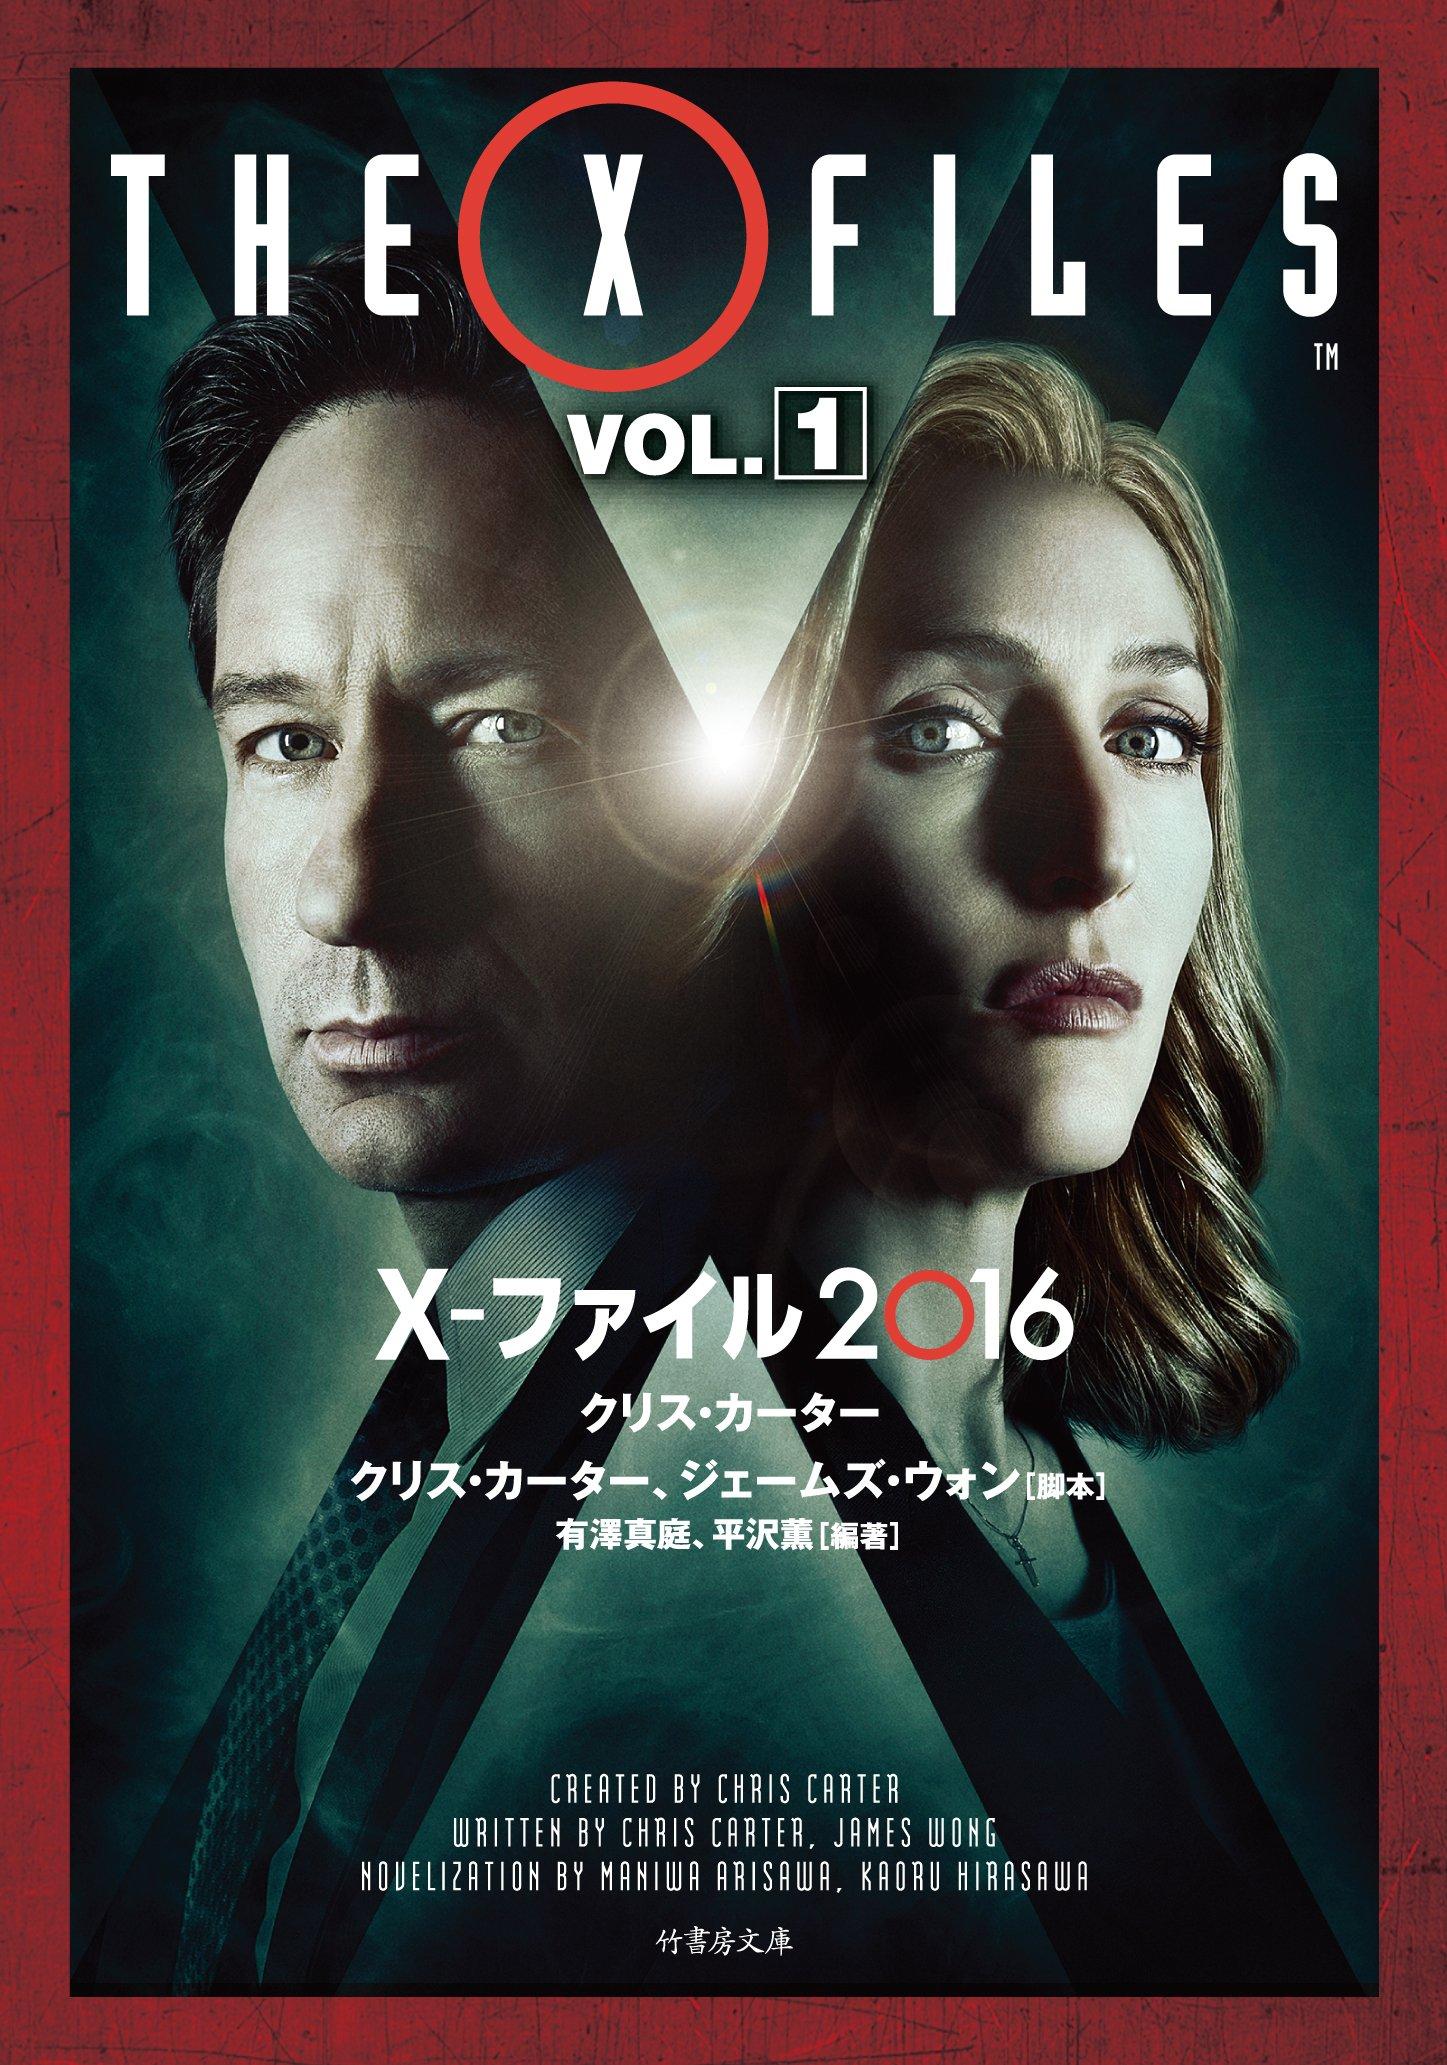 [本]X−ファイル 2016 VOL.1 (竹書房文庫)